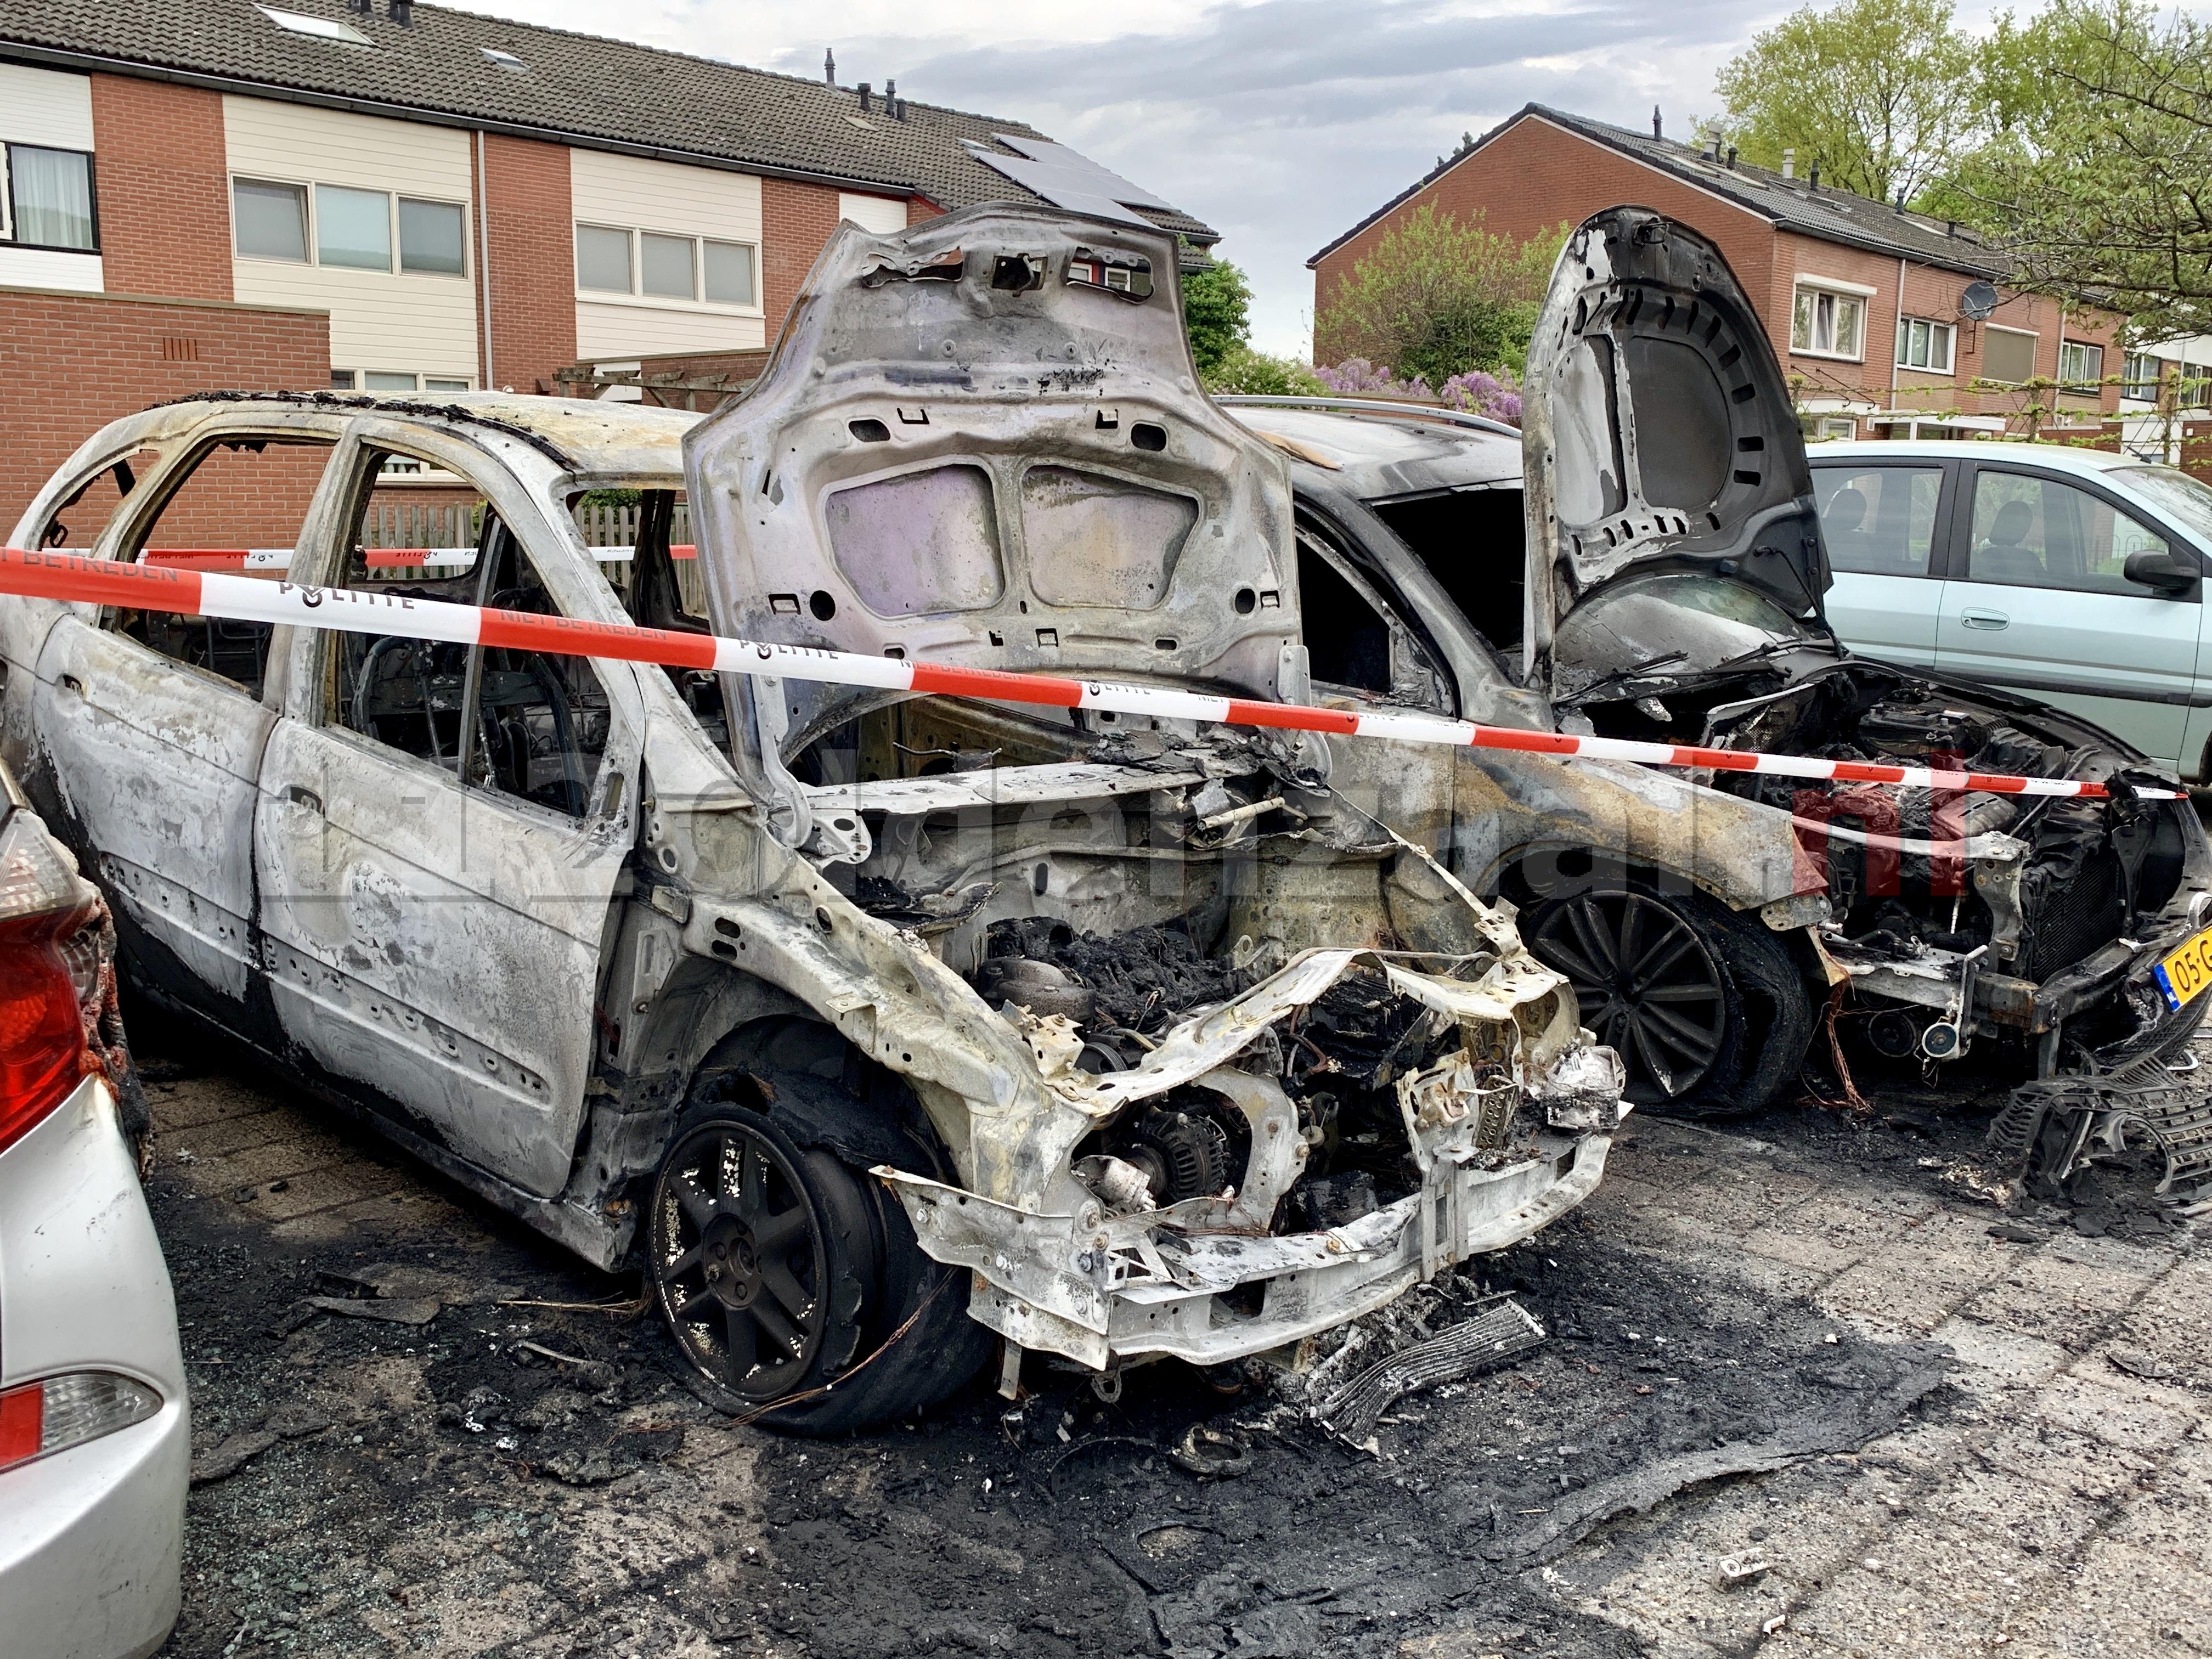 (Foto's) Schade goed zichtbaar bij daglicht; Auto's in Oldenzaal verwoest door brand